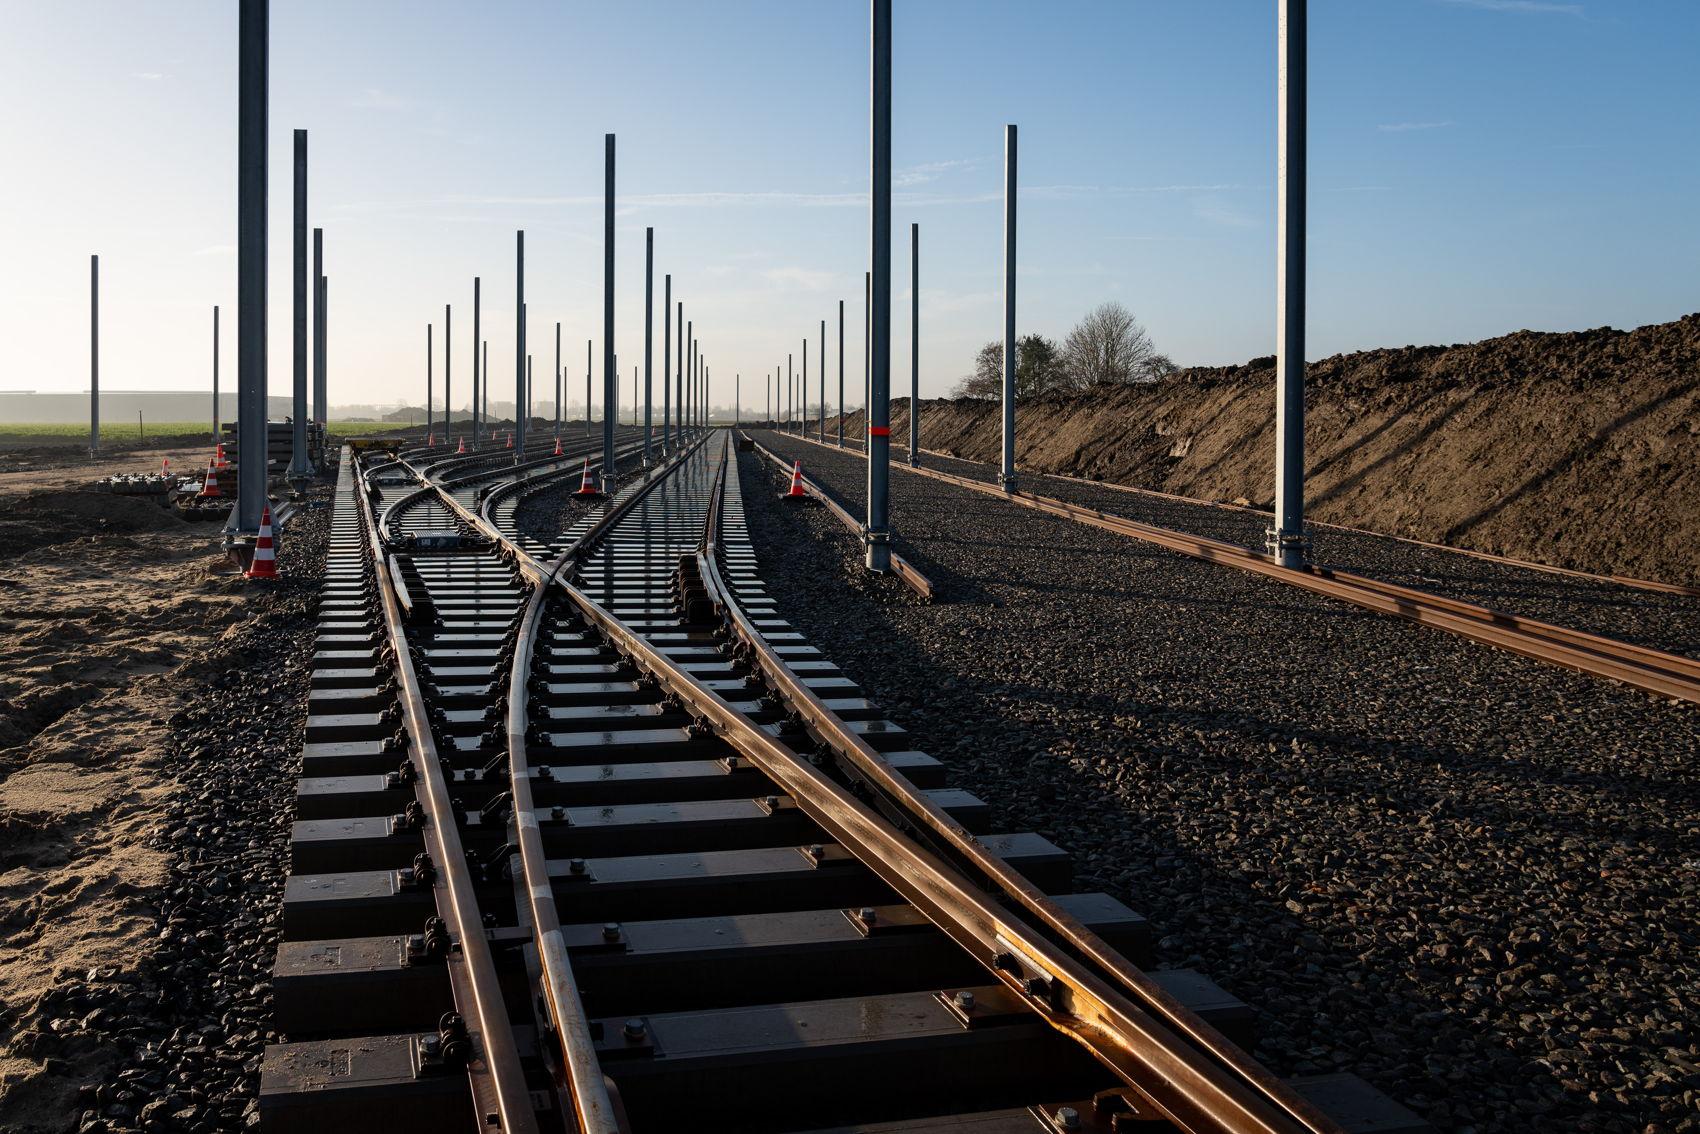 Op het opstelterrein komen 70 bovenleidingmasten, 2.500 meter rails plus nog eens 11 wissels!